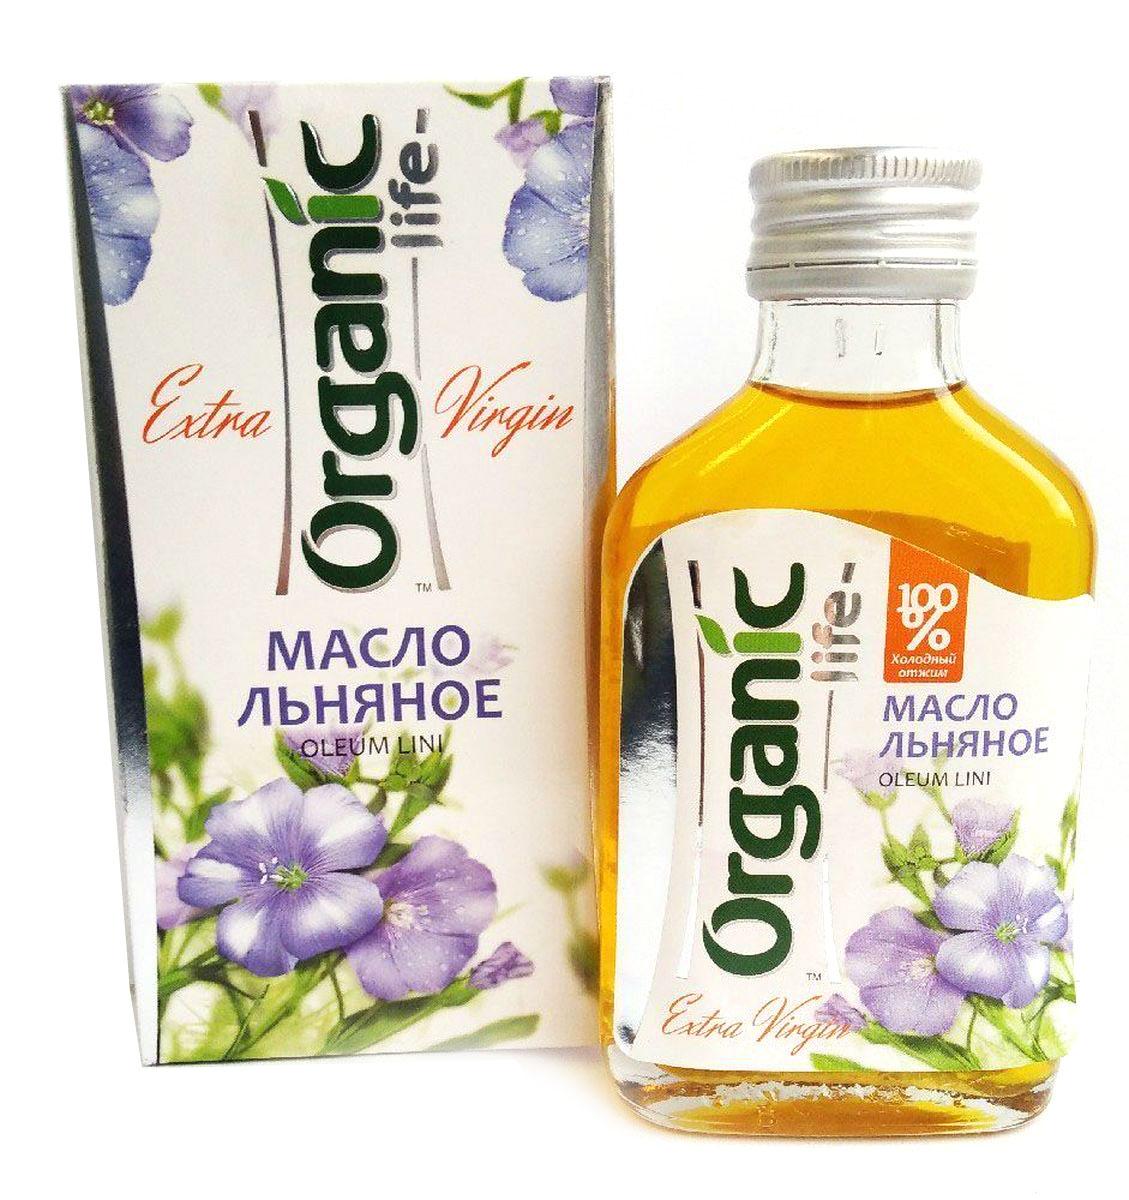 Organic Life масло льняное, 100 мл212026Льняное масло (из семян льна, собранного на Алтае) содержит Омега-3 и Омега-6 полиненасыщенные жирные кислоты, витамины группы В, Е, С, микроэлементы: селен, хром, кремний и др. Следует отметить, что Омега-3 в льняном масле гораздо больше, чем в рыбьем жире. Активные компоненты в составе масла льняного способствуют нормальной работе сердечнососудистой системы и желудочно- кишечного тракта, поддерживают иммунитет, способствуют снижению веса и плохого холестерина. Льняное масло холодного отжима Organic Life обладает приятным вкусом с легкой горчинкой, может использоваться как альтернатива оливковому маслу, подходит для любых блюд, наиболее гармонично оттеняет вкус пикантных овощных салатов. Способ применения: по 1 ч.л. 2-3 раза в день.